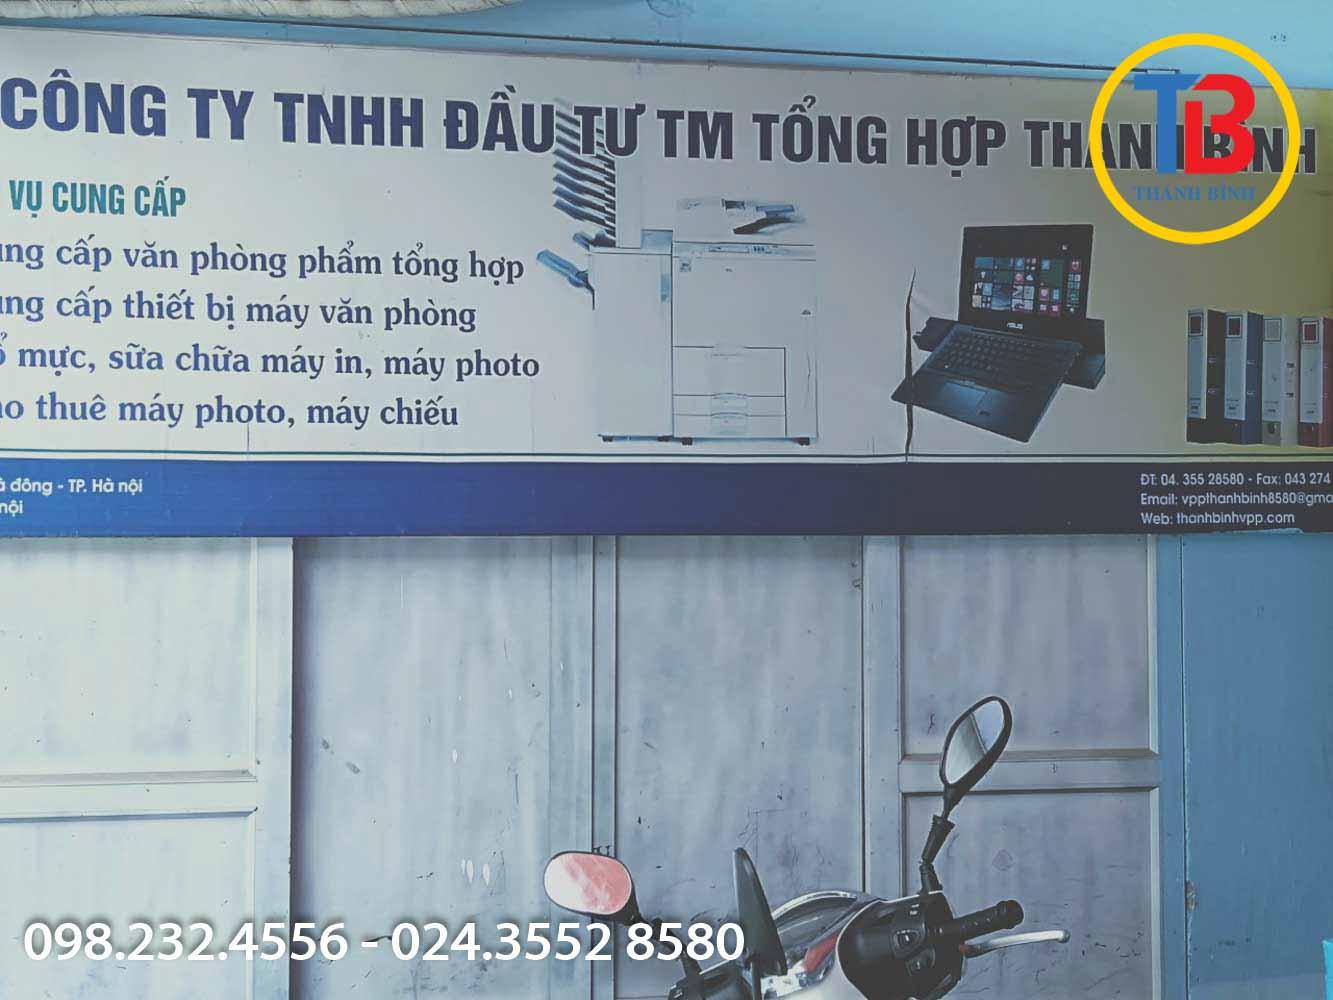 Bán máy photocopy cũ tại Hà Nội và các tỉnh phía bắc